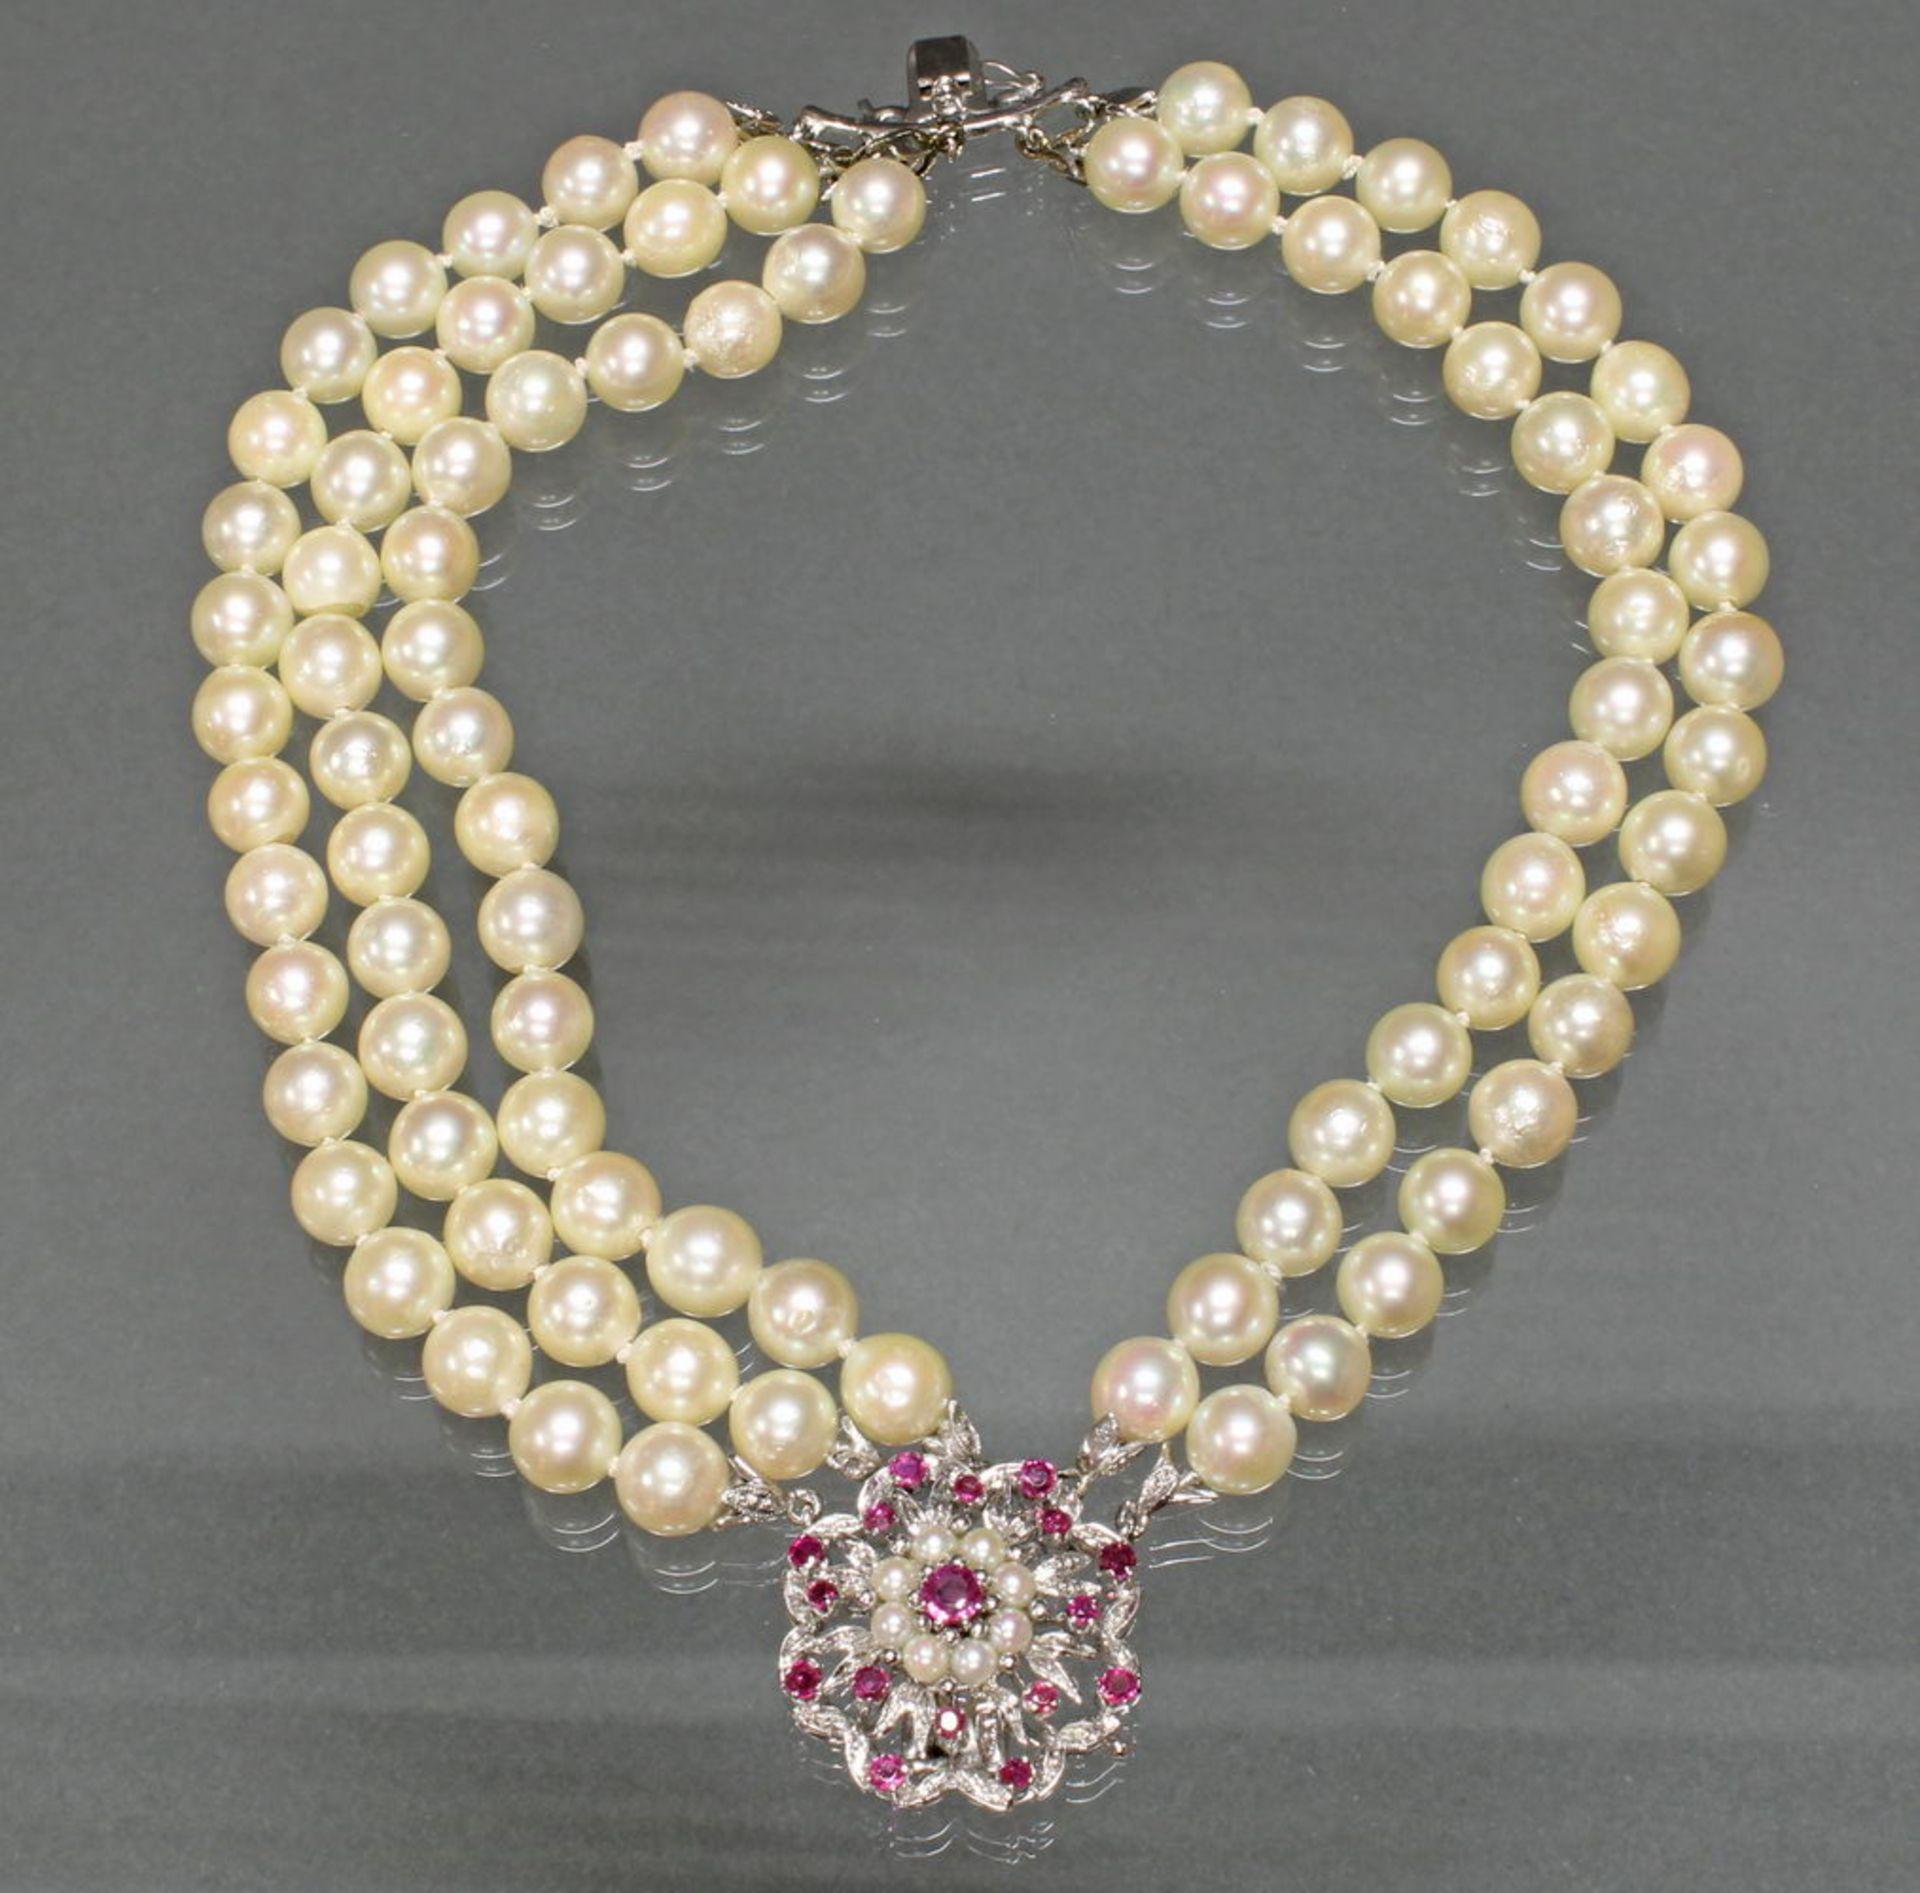 Perlarmband, fünfreihig, 2x 18 und 3x 17 Akoya-Zuchtperlen ø ca. 7.5 mm, Schließe WG 750, 17 fac